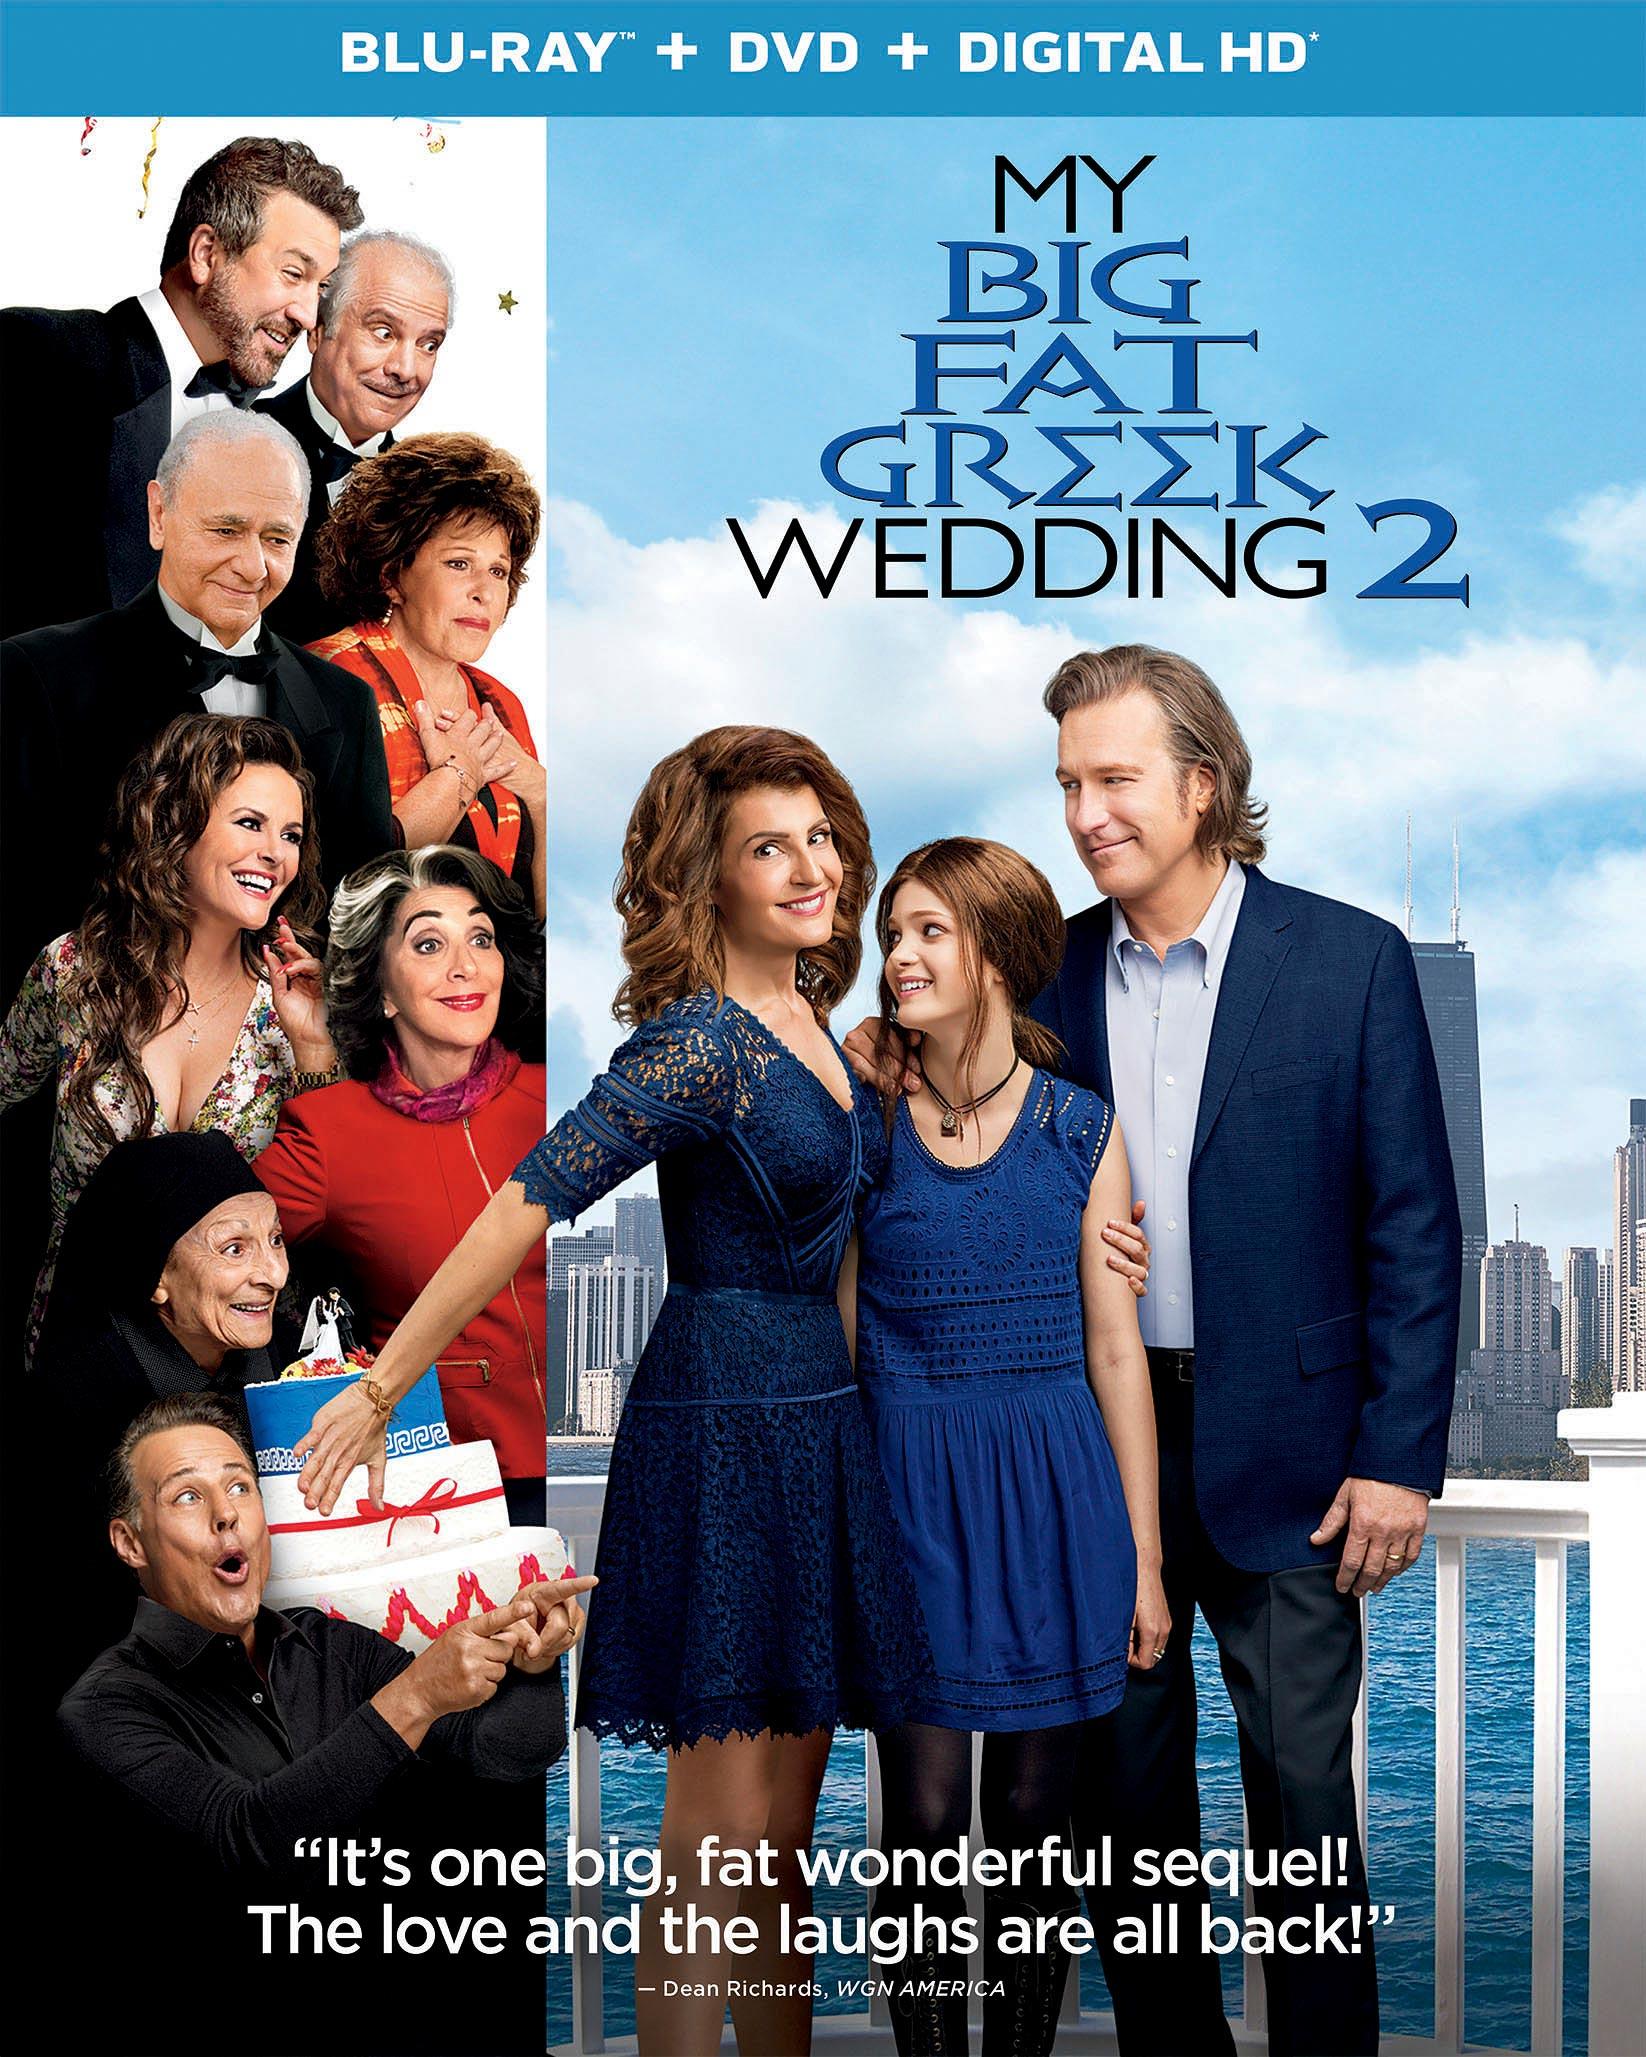 my-big-fat-greek-wedding-2-movie-0616.jpg